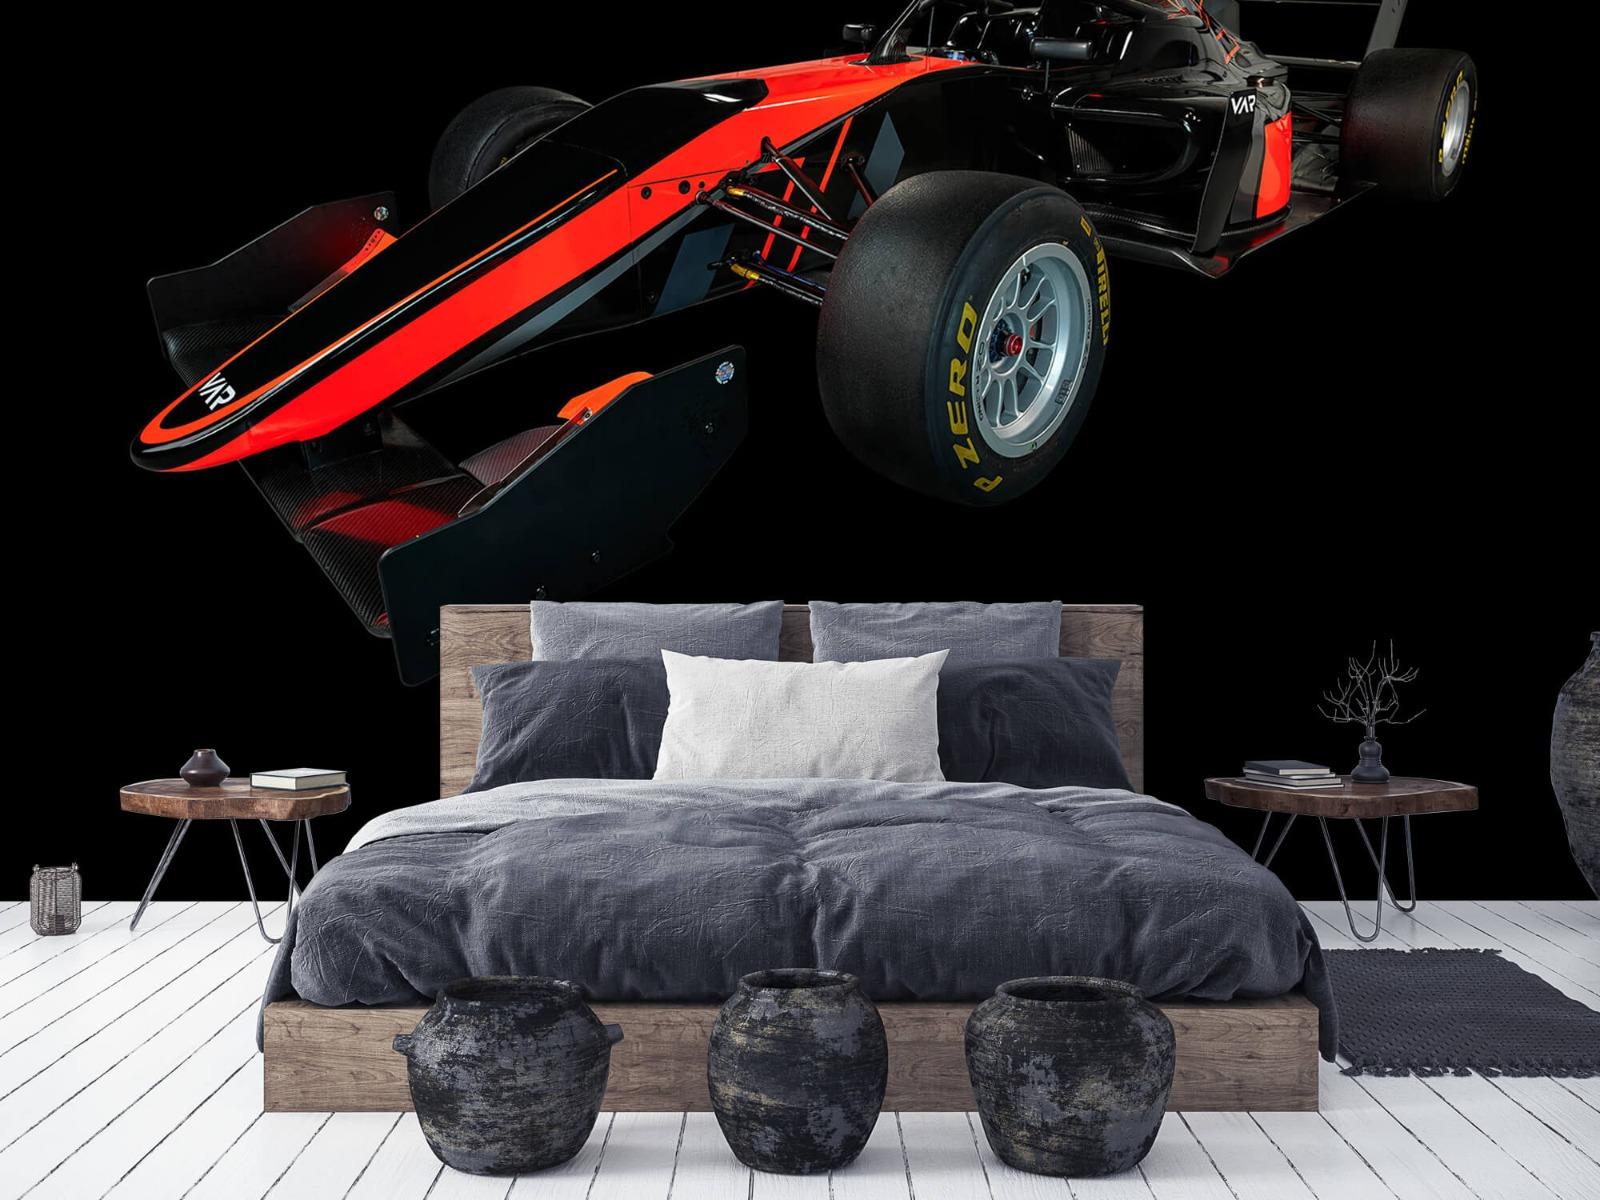 Sportauto's - Formule 3 - Left front view - dark - Vergaderruimte 5